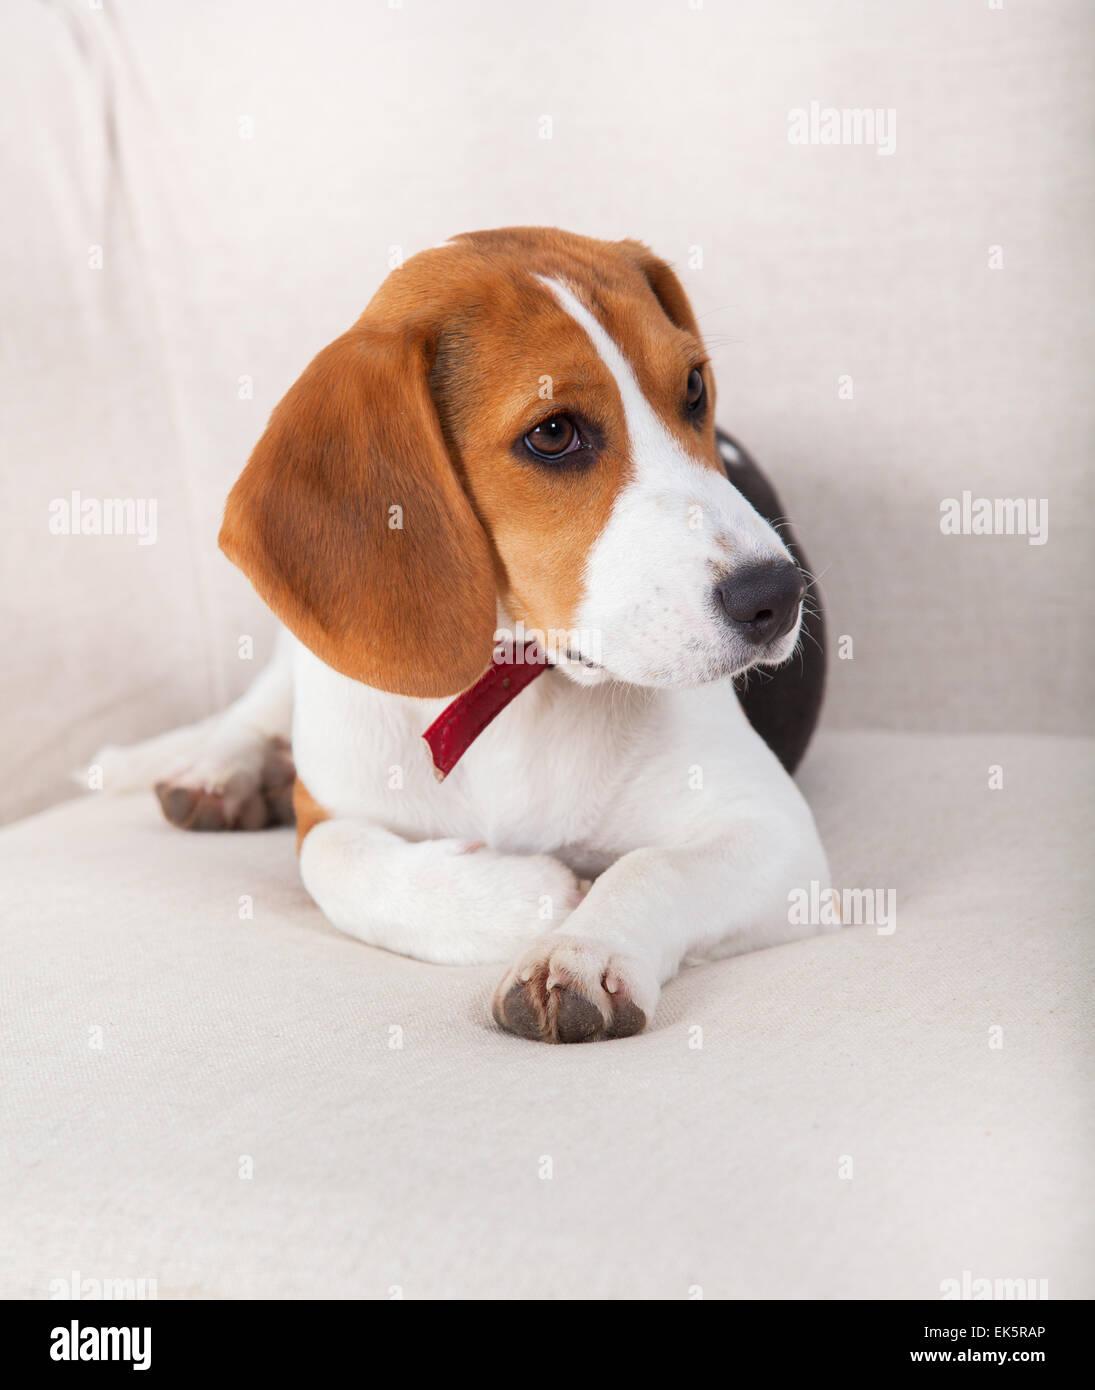 Portrait d'un chien beagle assis sur le canapé. Photo Stock